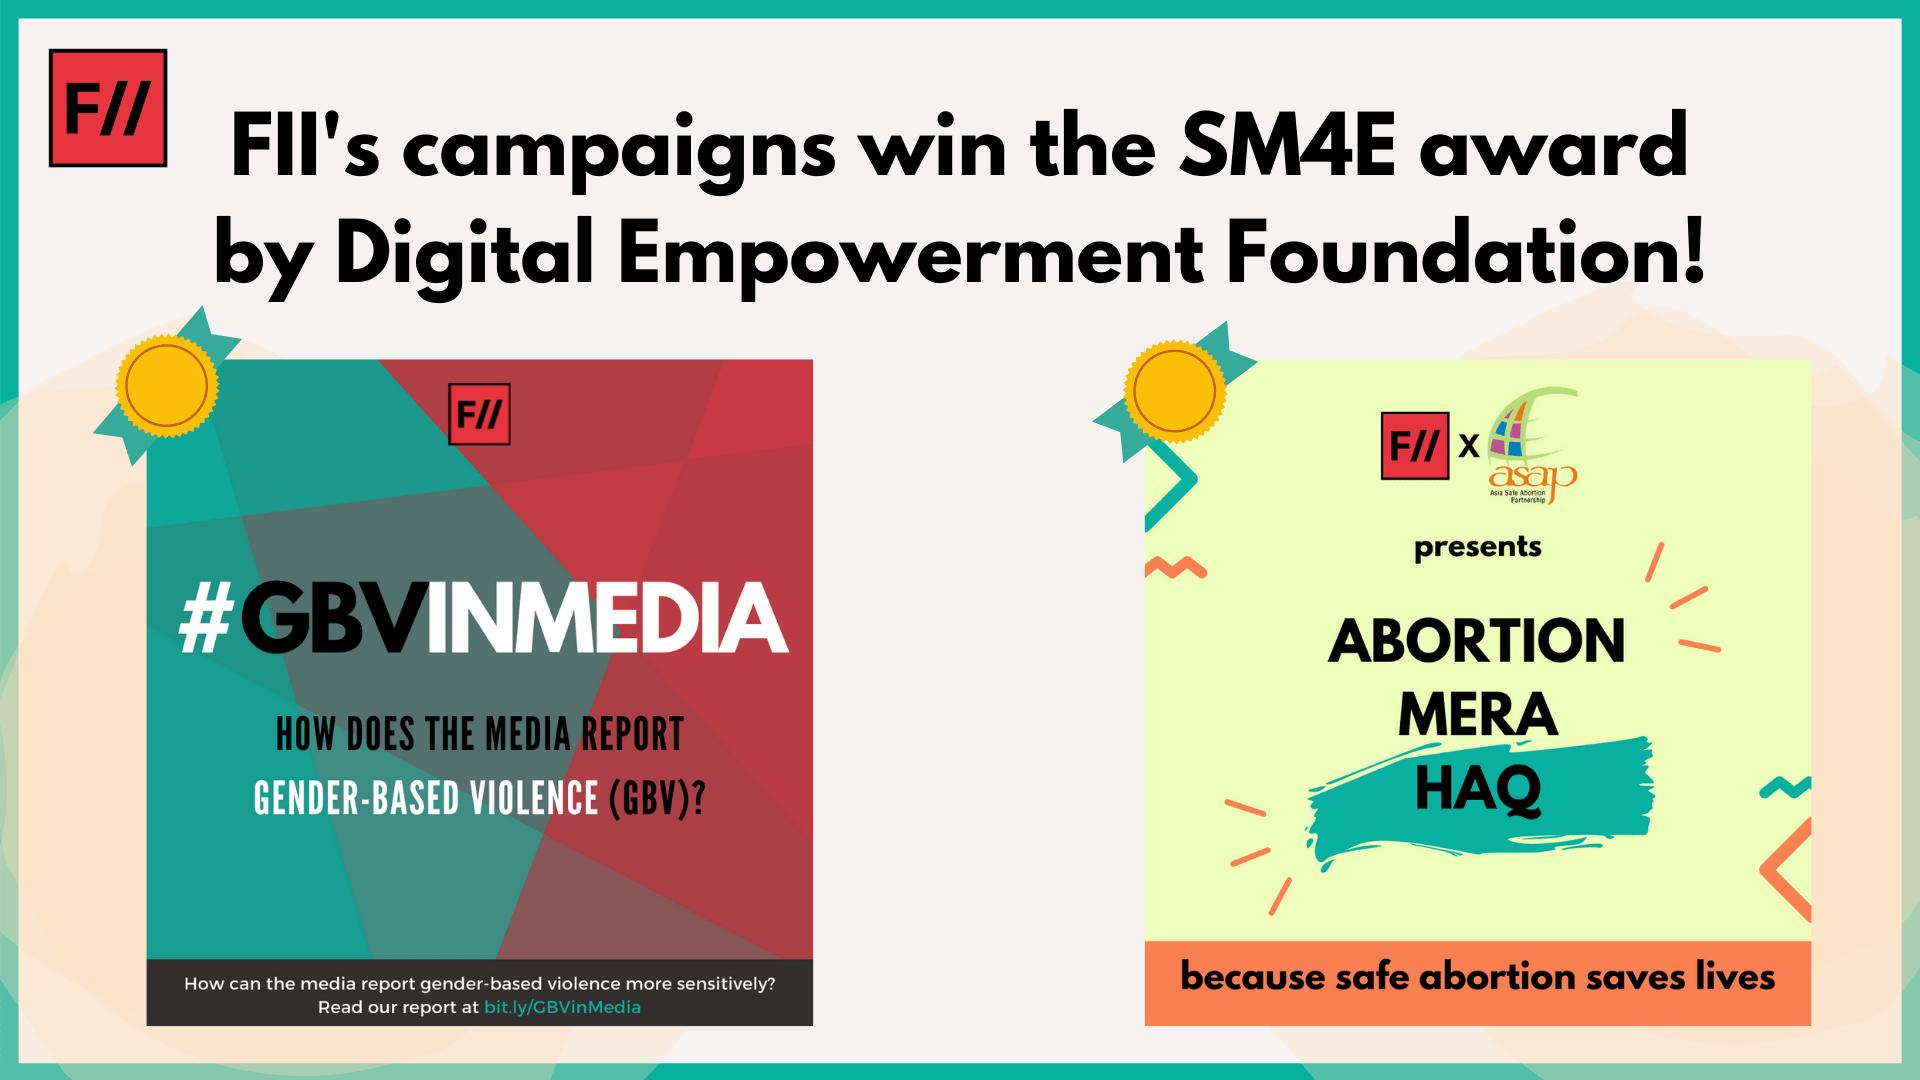 Two Of FII's Campaigns Win The SM4E Award